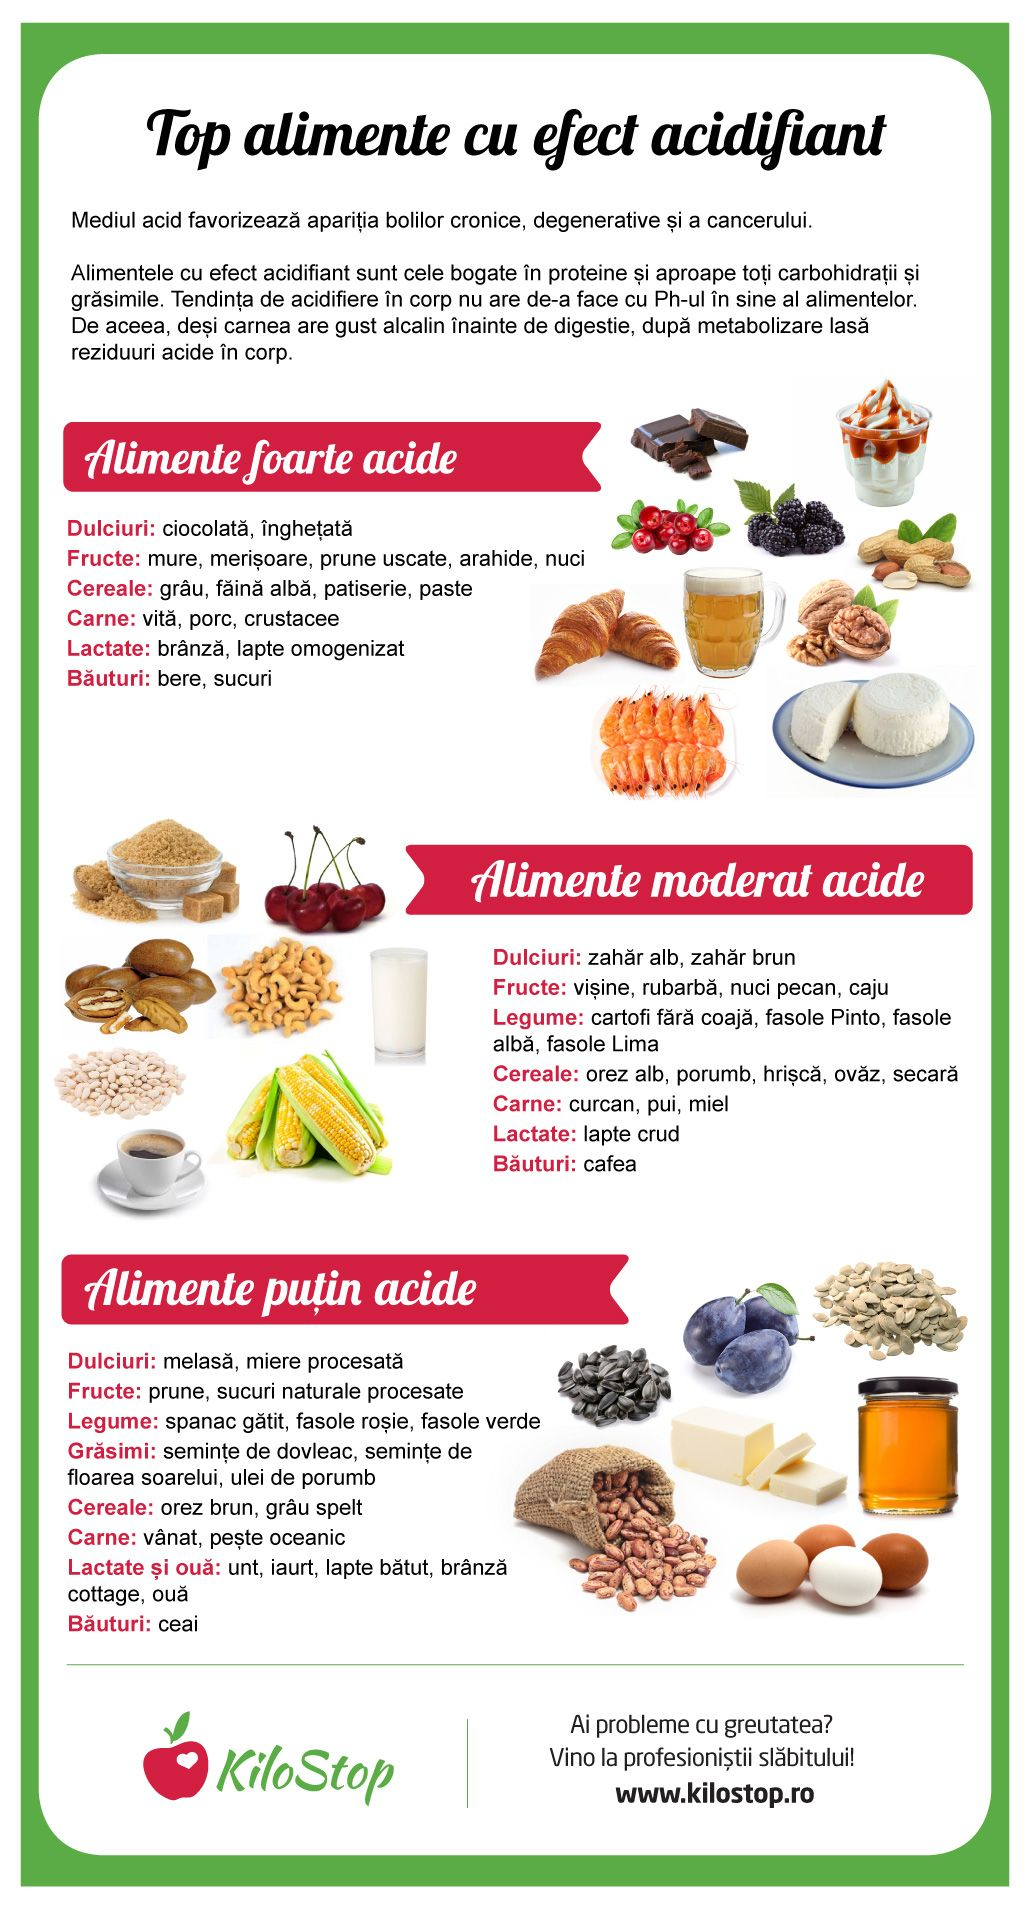 Colestiramina pierde în greutate. Eu slabesc